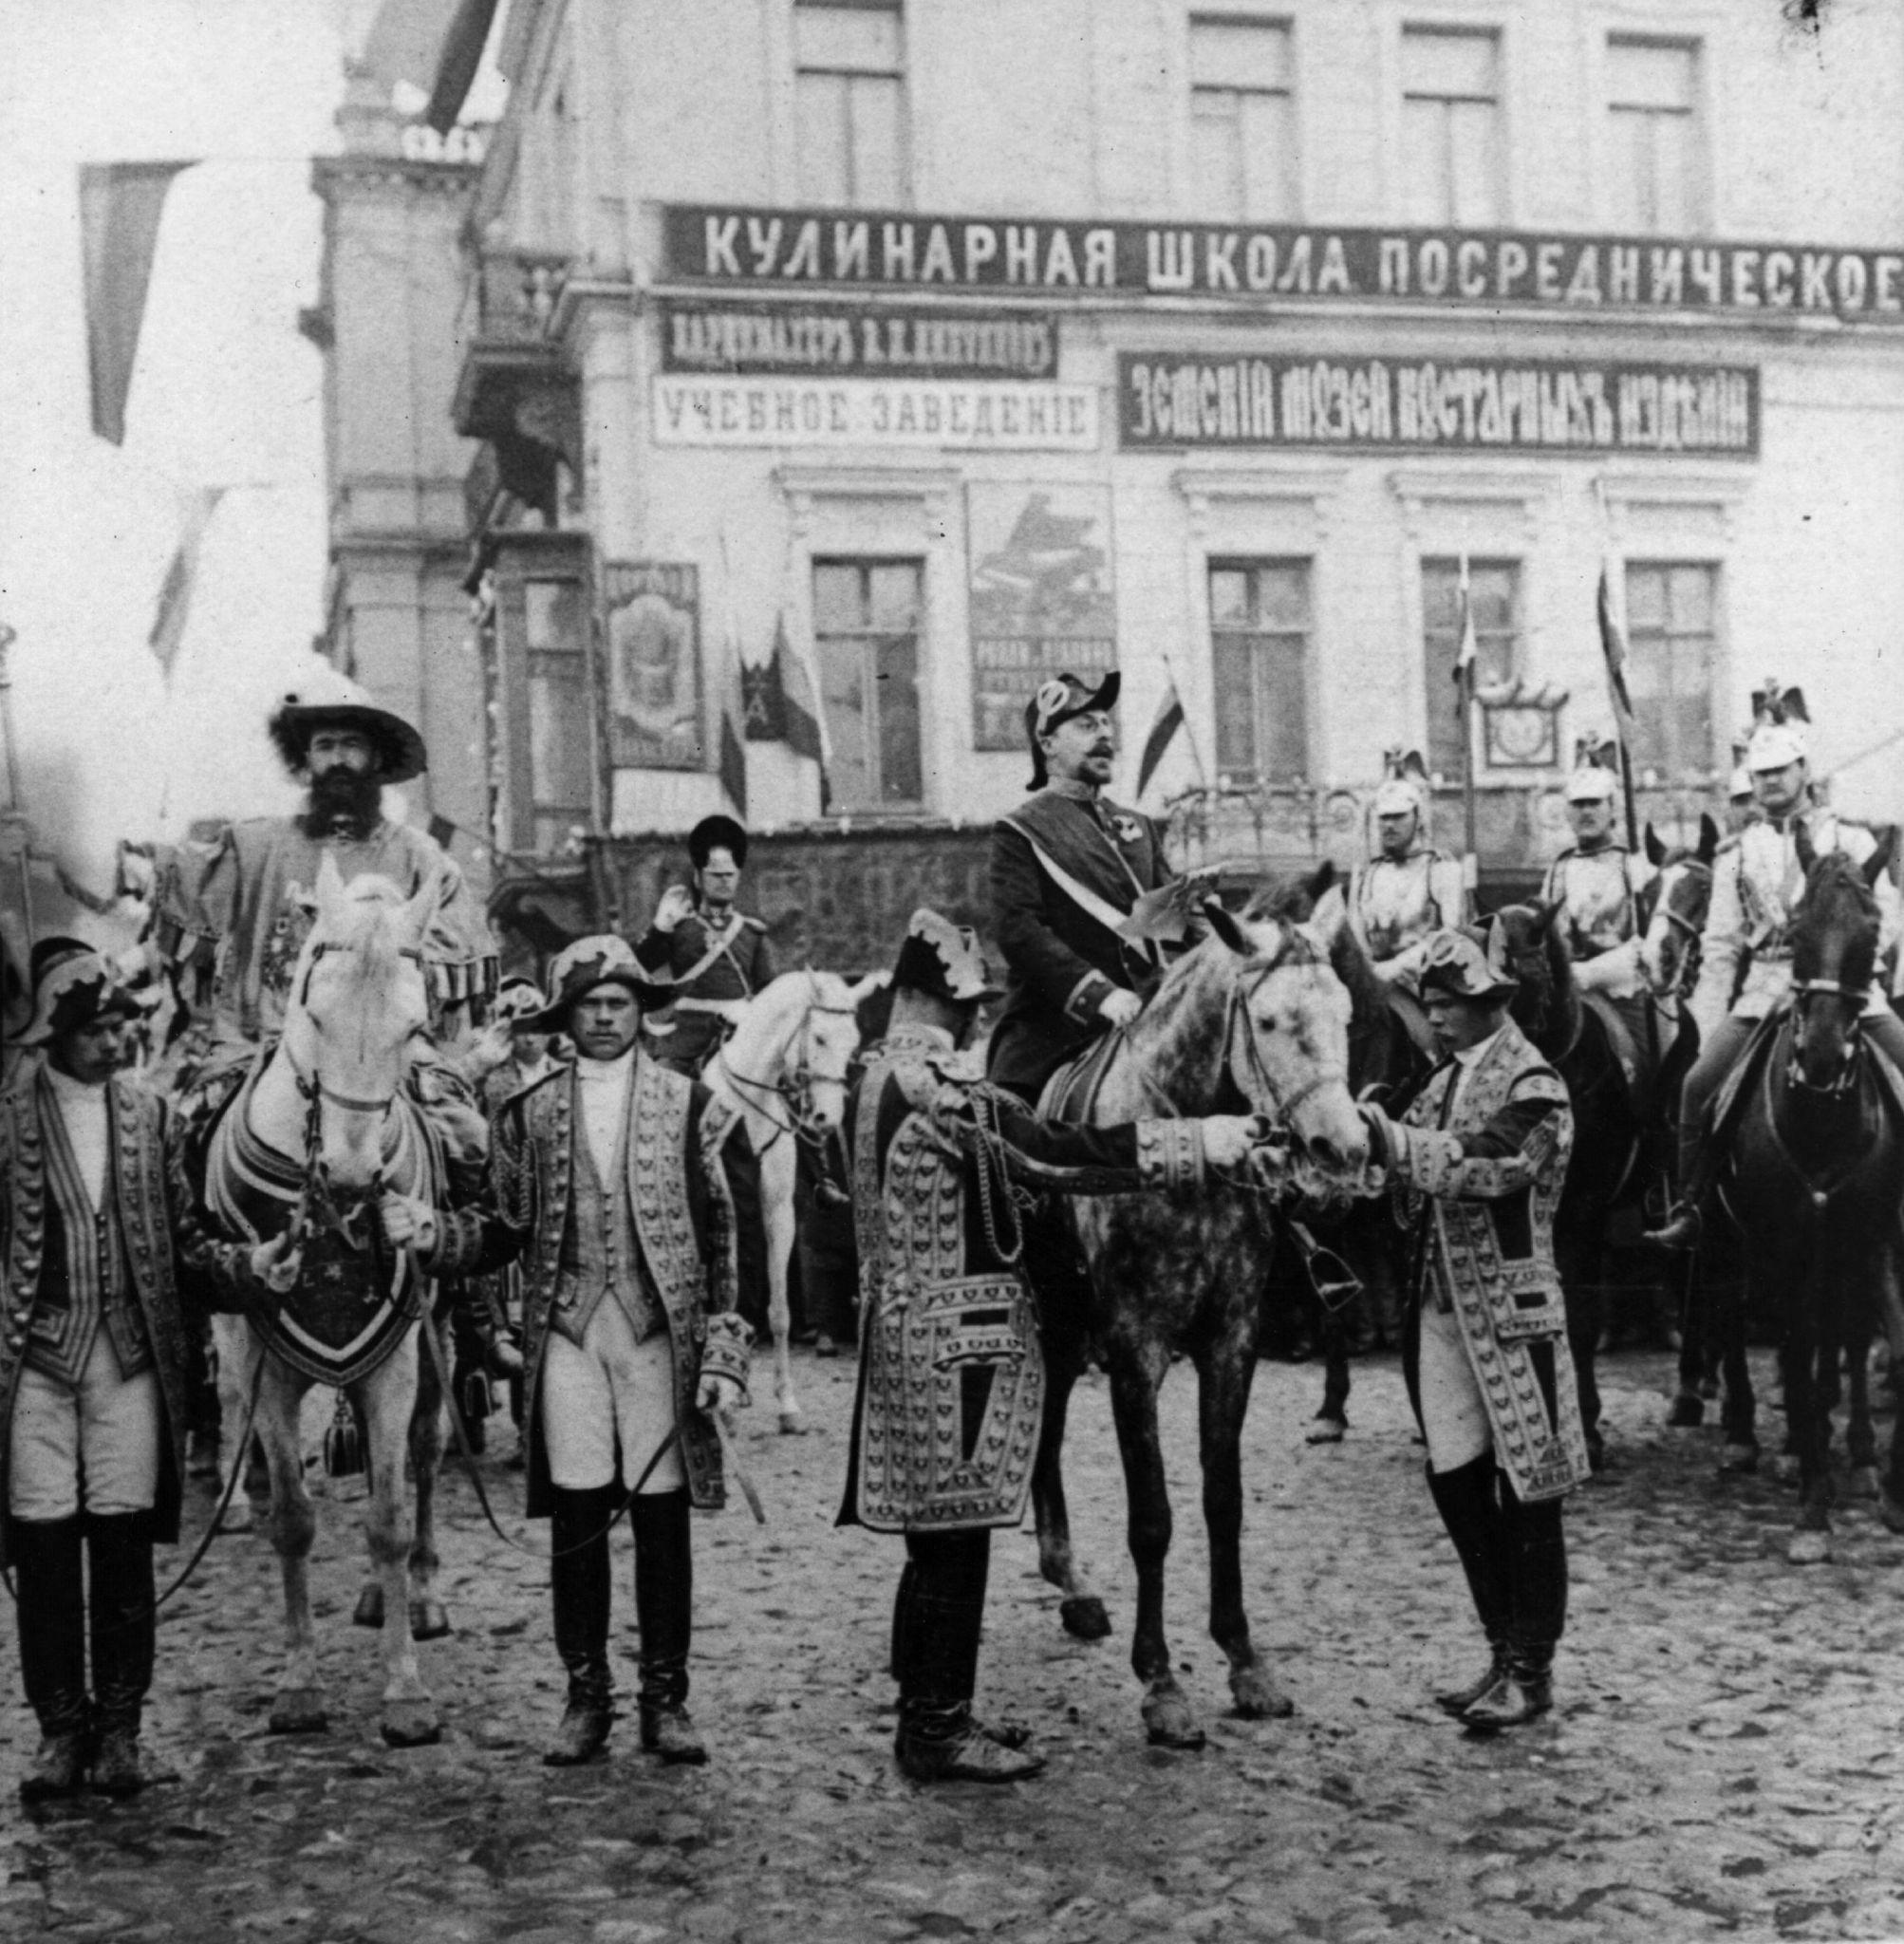 Герольды  на лошадях провозглашаяют предстоящую коронацию императора Николая II